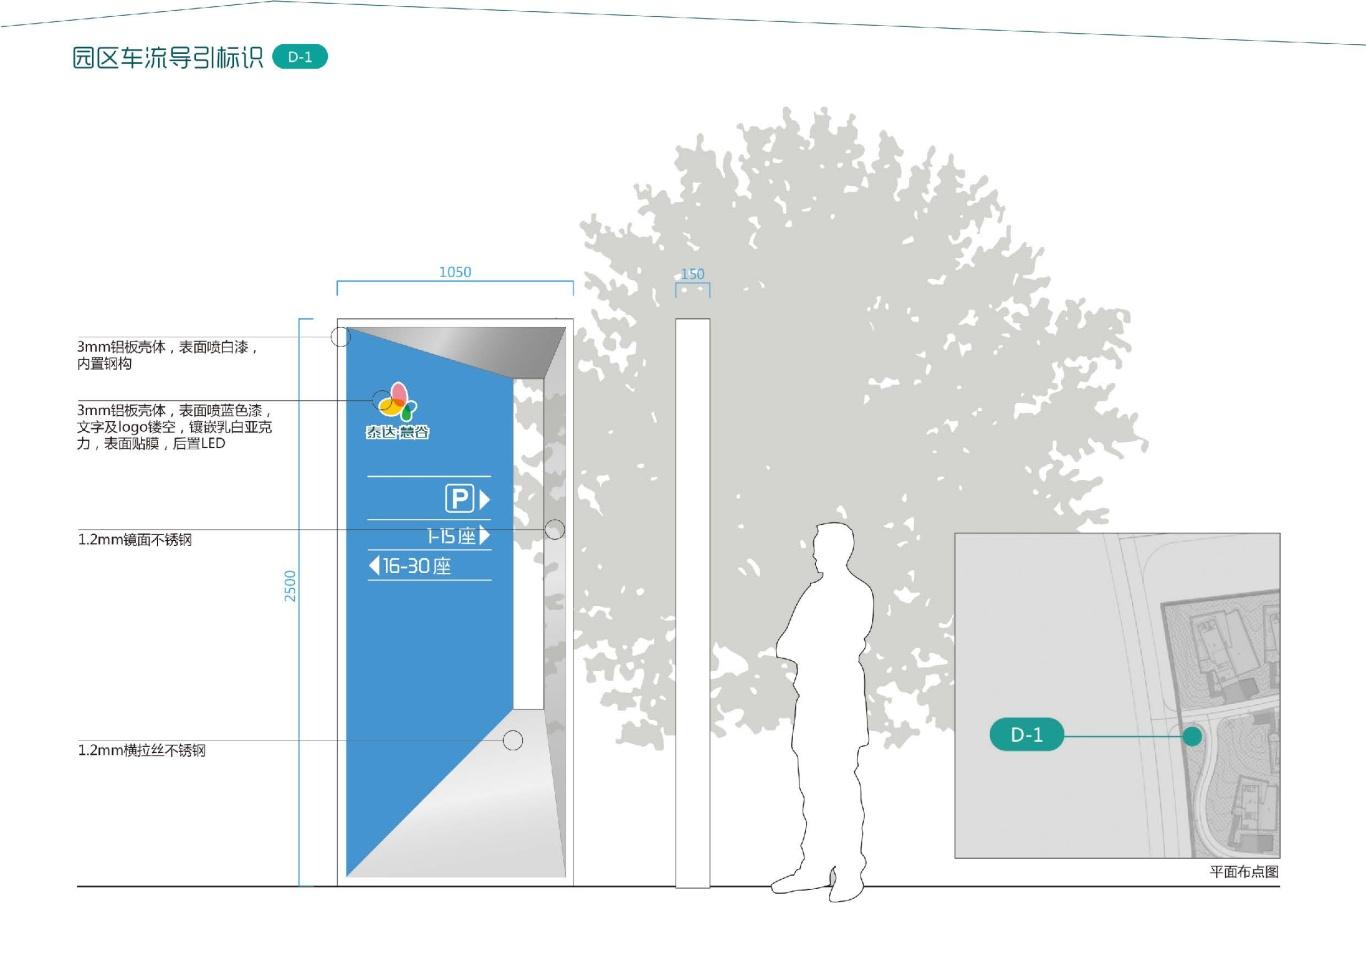 大连泰达慧谷开发区导视系统设计图29